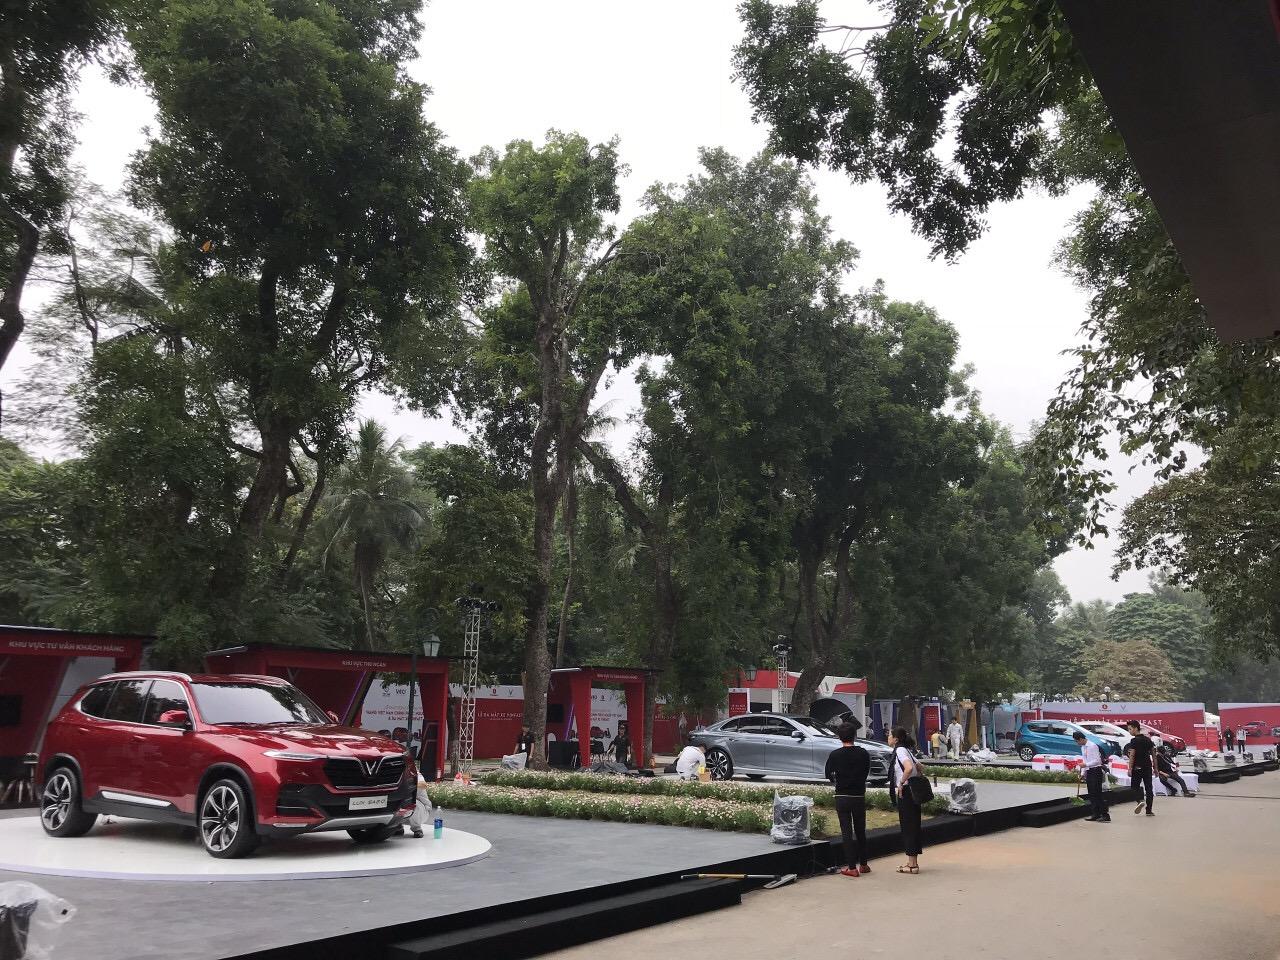 Những hình ảnh mới nhất của ô tô Vinfast chuẩn bị lễ ra mắt tại Hà Nội 18